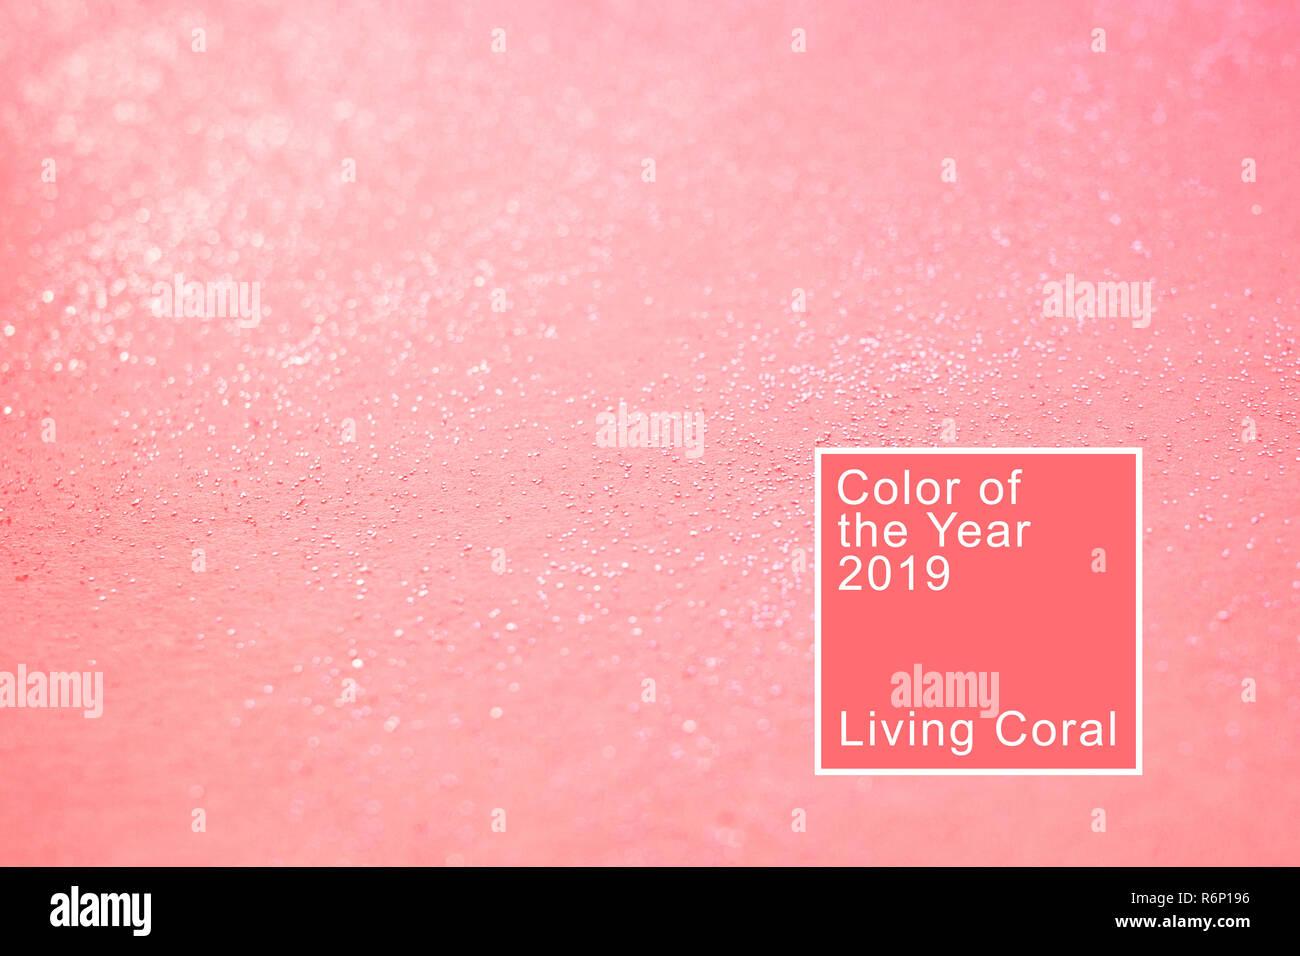 Arrière-plan de corail avec des paillettes. Corail vivant. Couleur de l'année 2019. Photo Stock